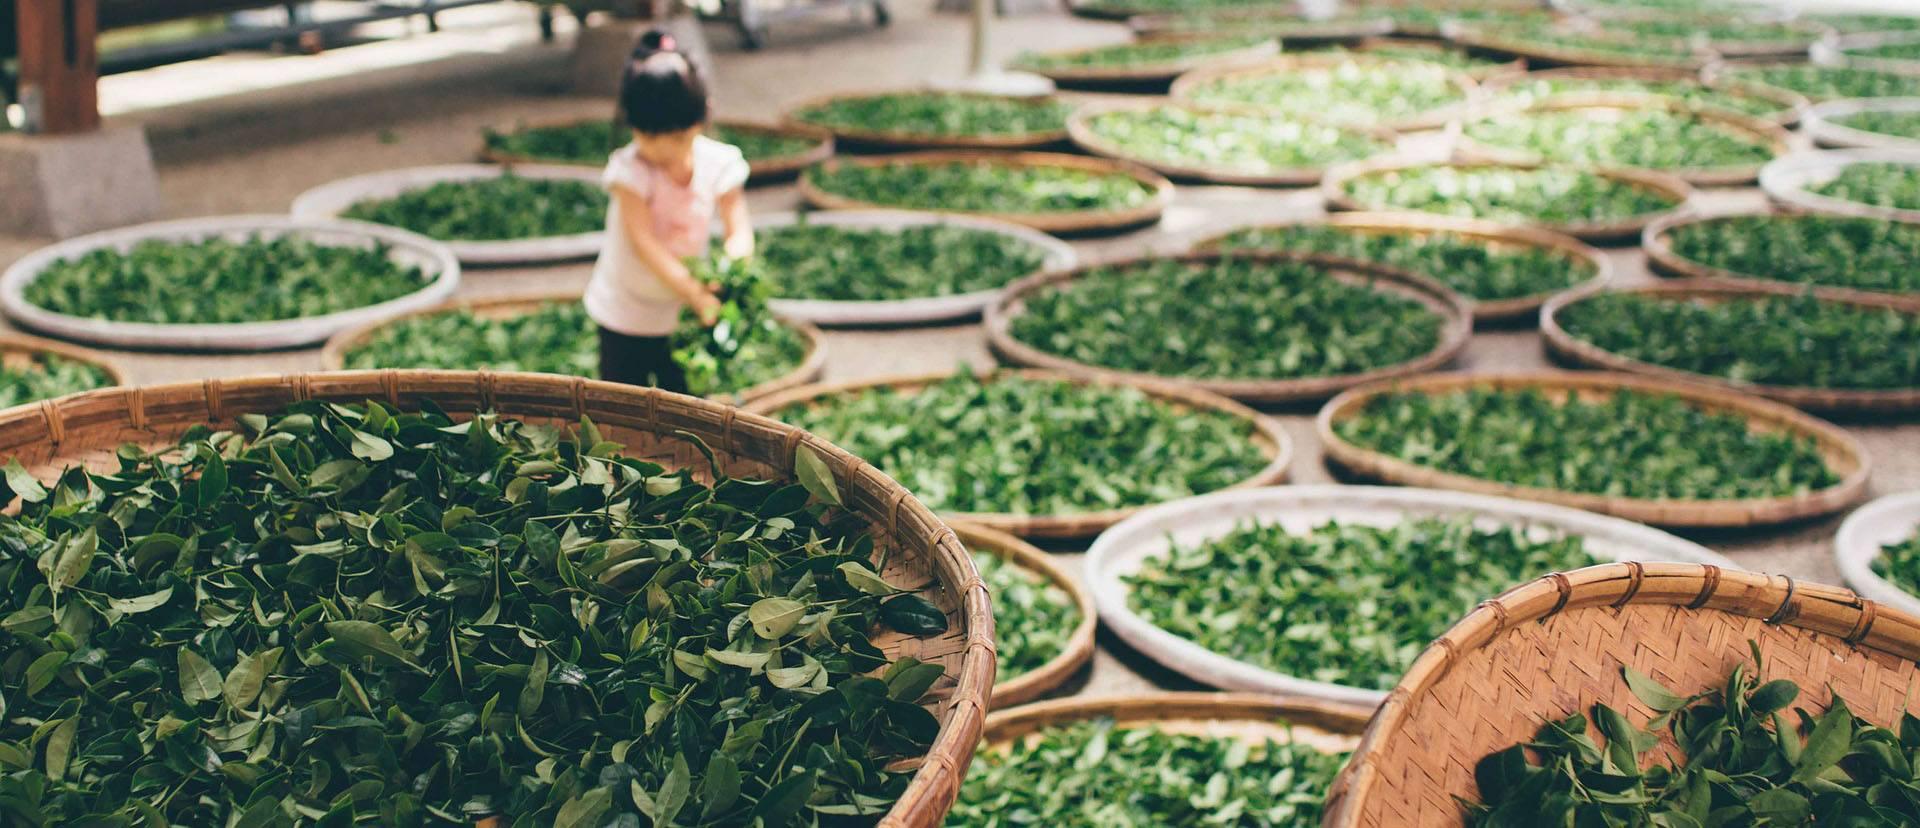 ventajas y desventajas del te verde chino